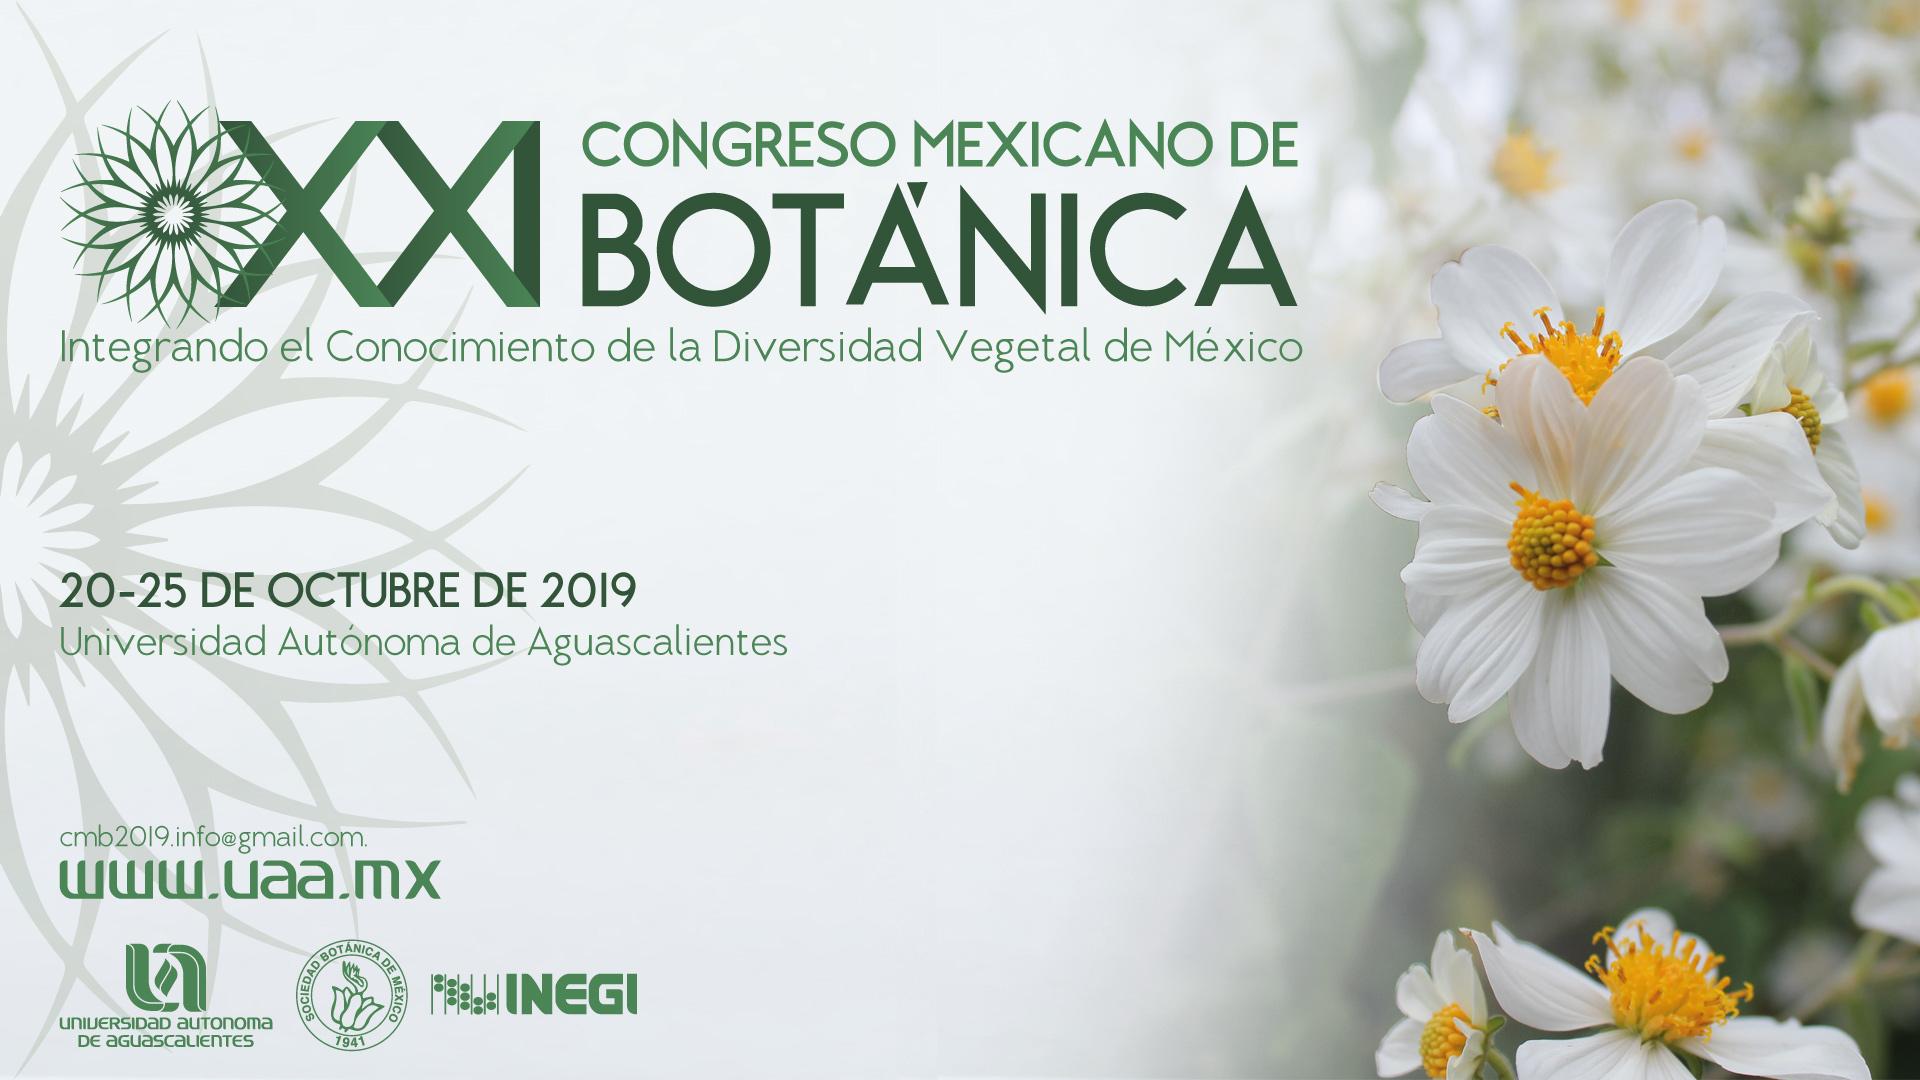 XXI Congreso Mexicano de Botánica